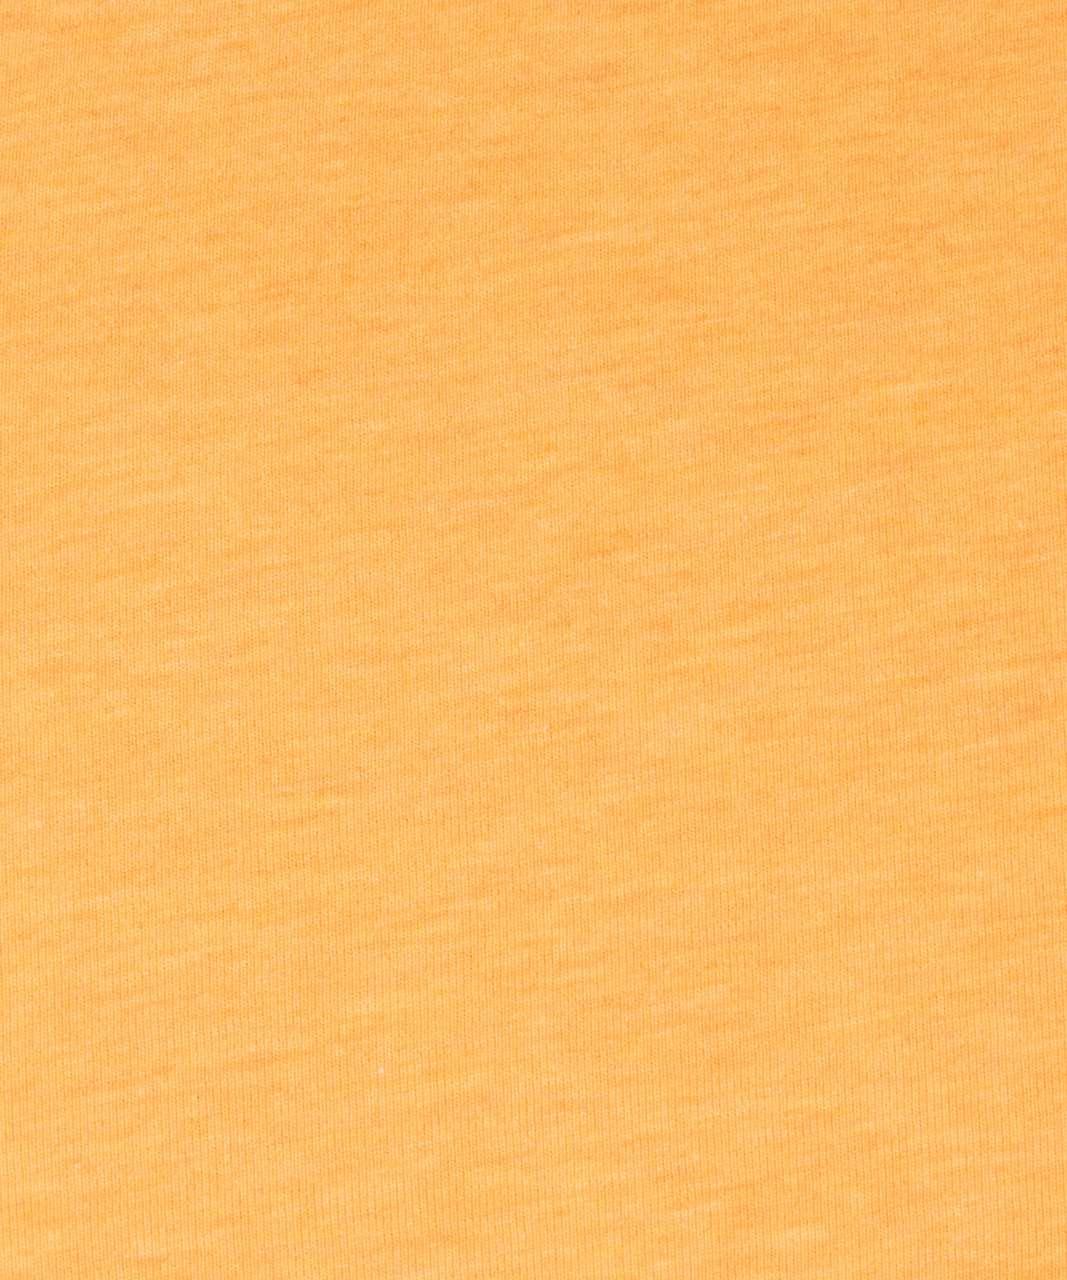 Lululemon Brunswick Muscle Tank - Heathered Honey Lemon